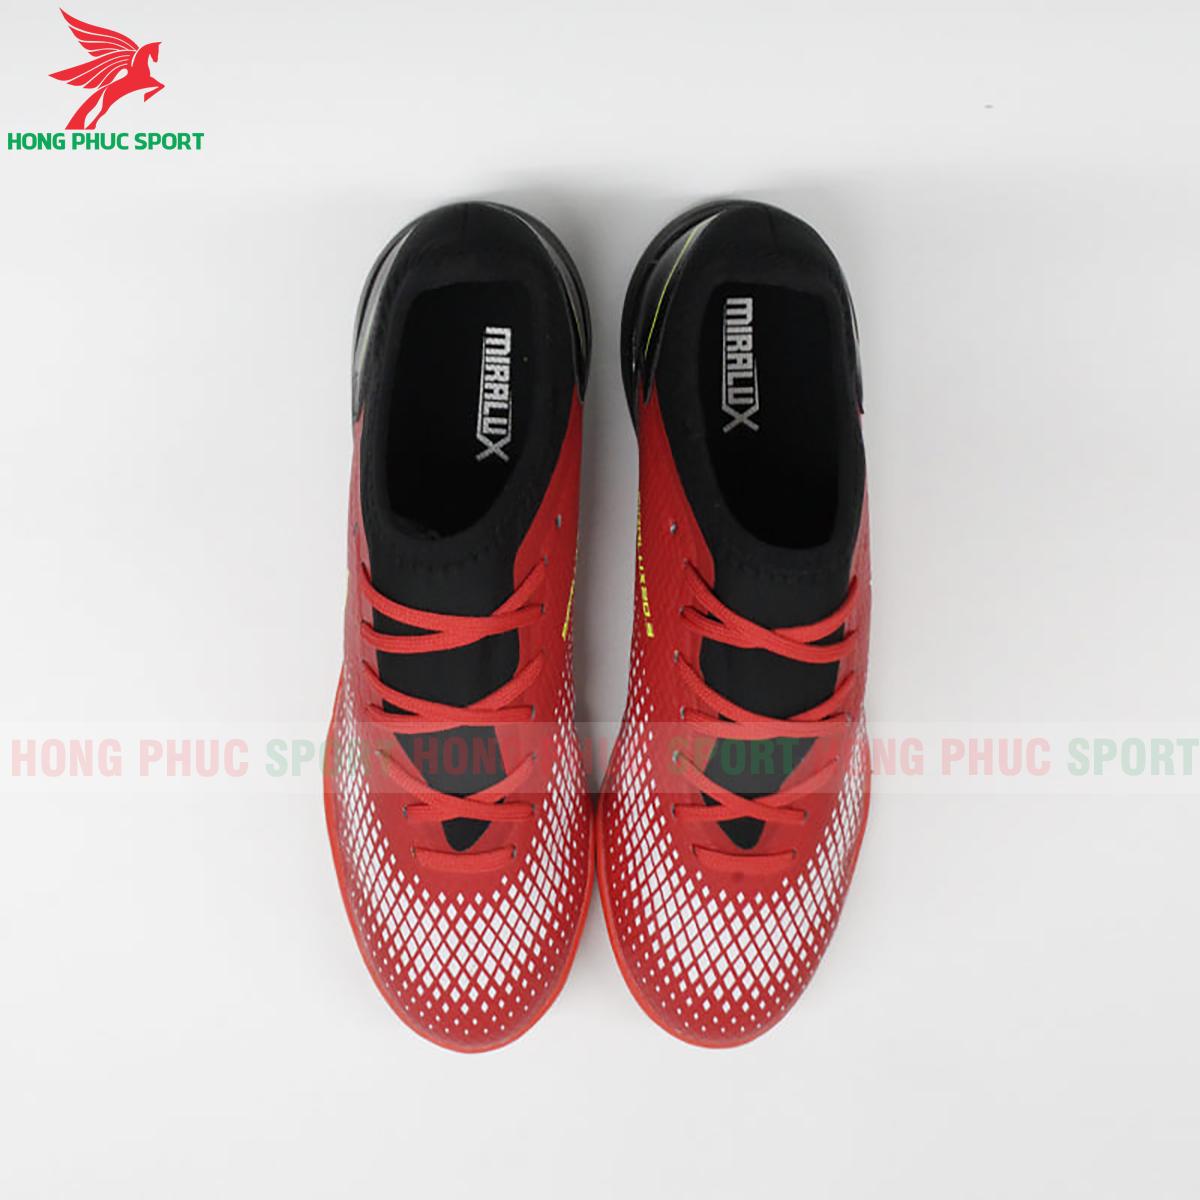 https://cdn.hongphucsport.com/unsafe/s4.shopbay.vn/files/285/giay-da-bong-mira-lux-20-3-mau-do-phoi-den-2-5f7402ac92410.png